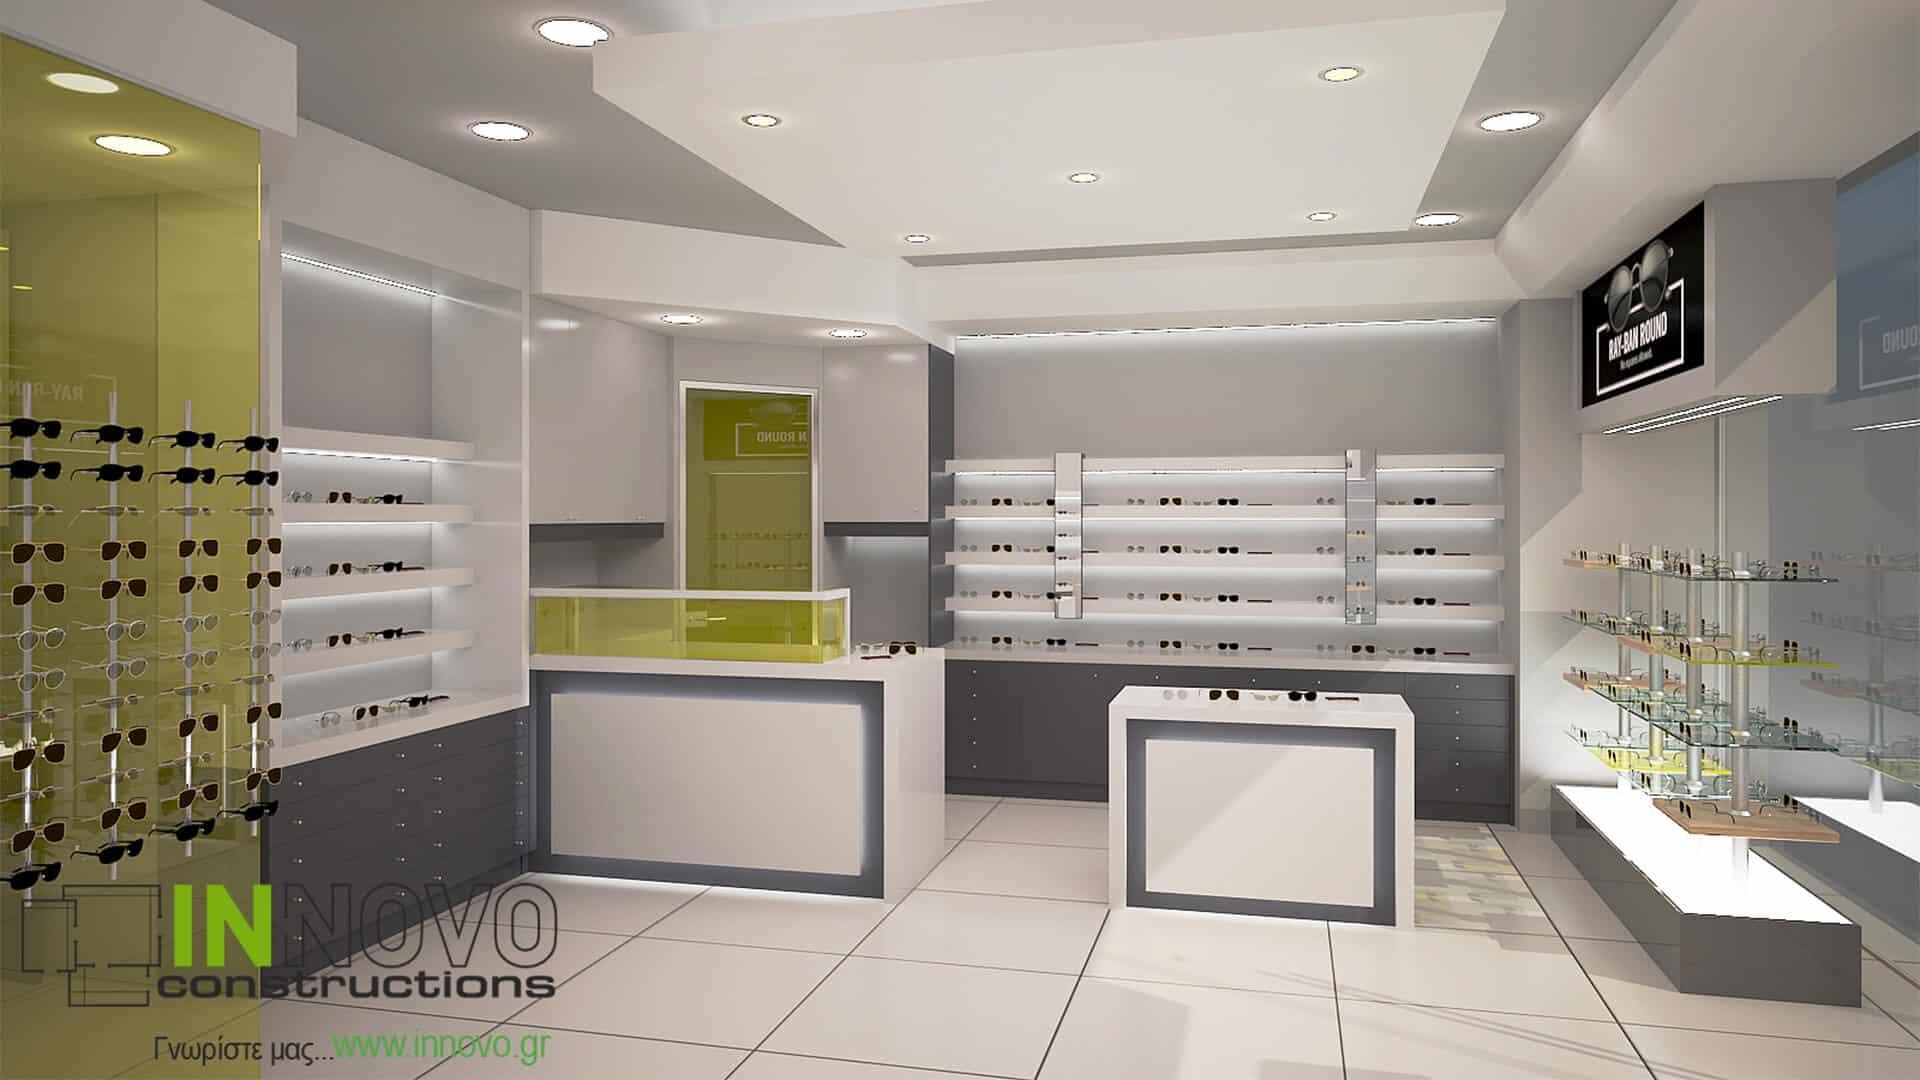 anakainisi-katastimatos-optikon-xolargos-optical-store-renovation-equipment-2